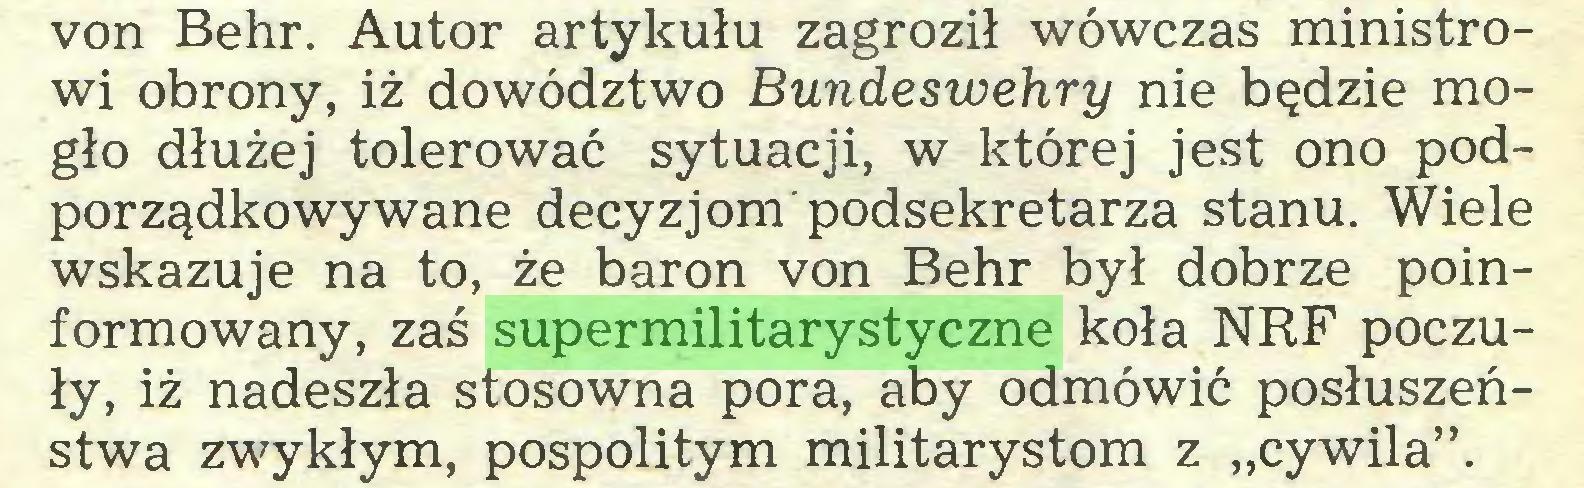 """(...) von Behr. Autor artykułu zagroził wówczas ministrowi obrony, iż dowództwo Bundeswehry nie będzie mogło dłużej tolerować sytuacji, w której jest ono podporządkowywane decyzjom podsekretarza stanu. Wiele wskazuje na to, że baron von Behr był dobrze poinformowany, zaś supermilitarystyczne koła NRF poczuły, iż nadeszła stosowna pora, aby odmówić posłuszeństwa zwykłym, pospolitym militarystom z """"cywila""""..."""